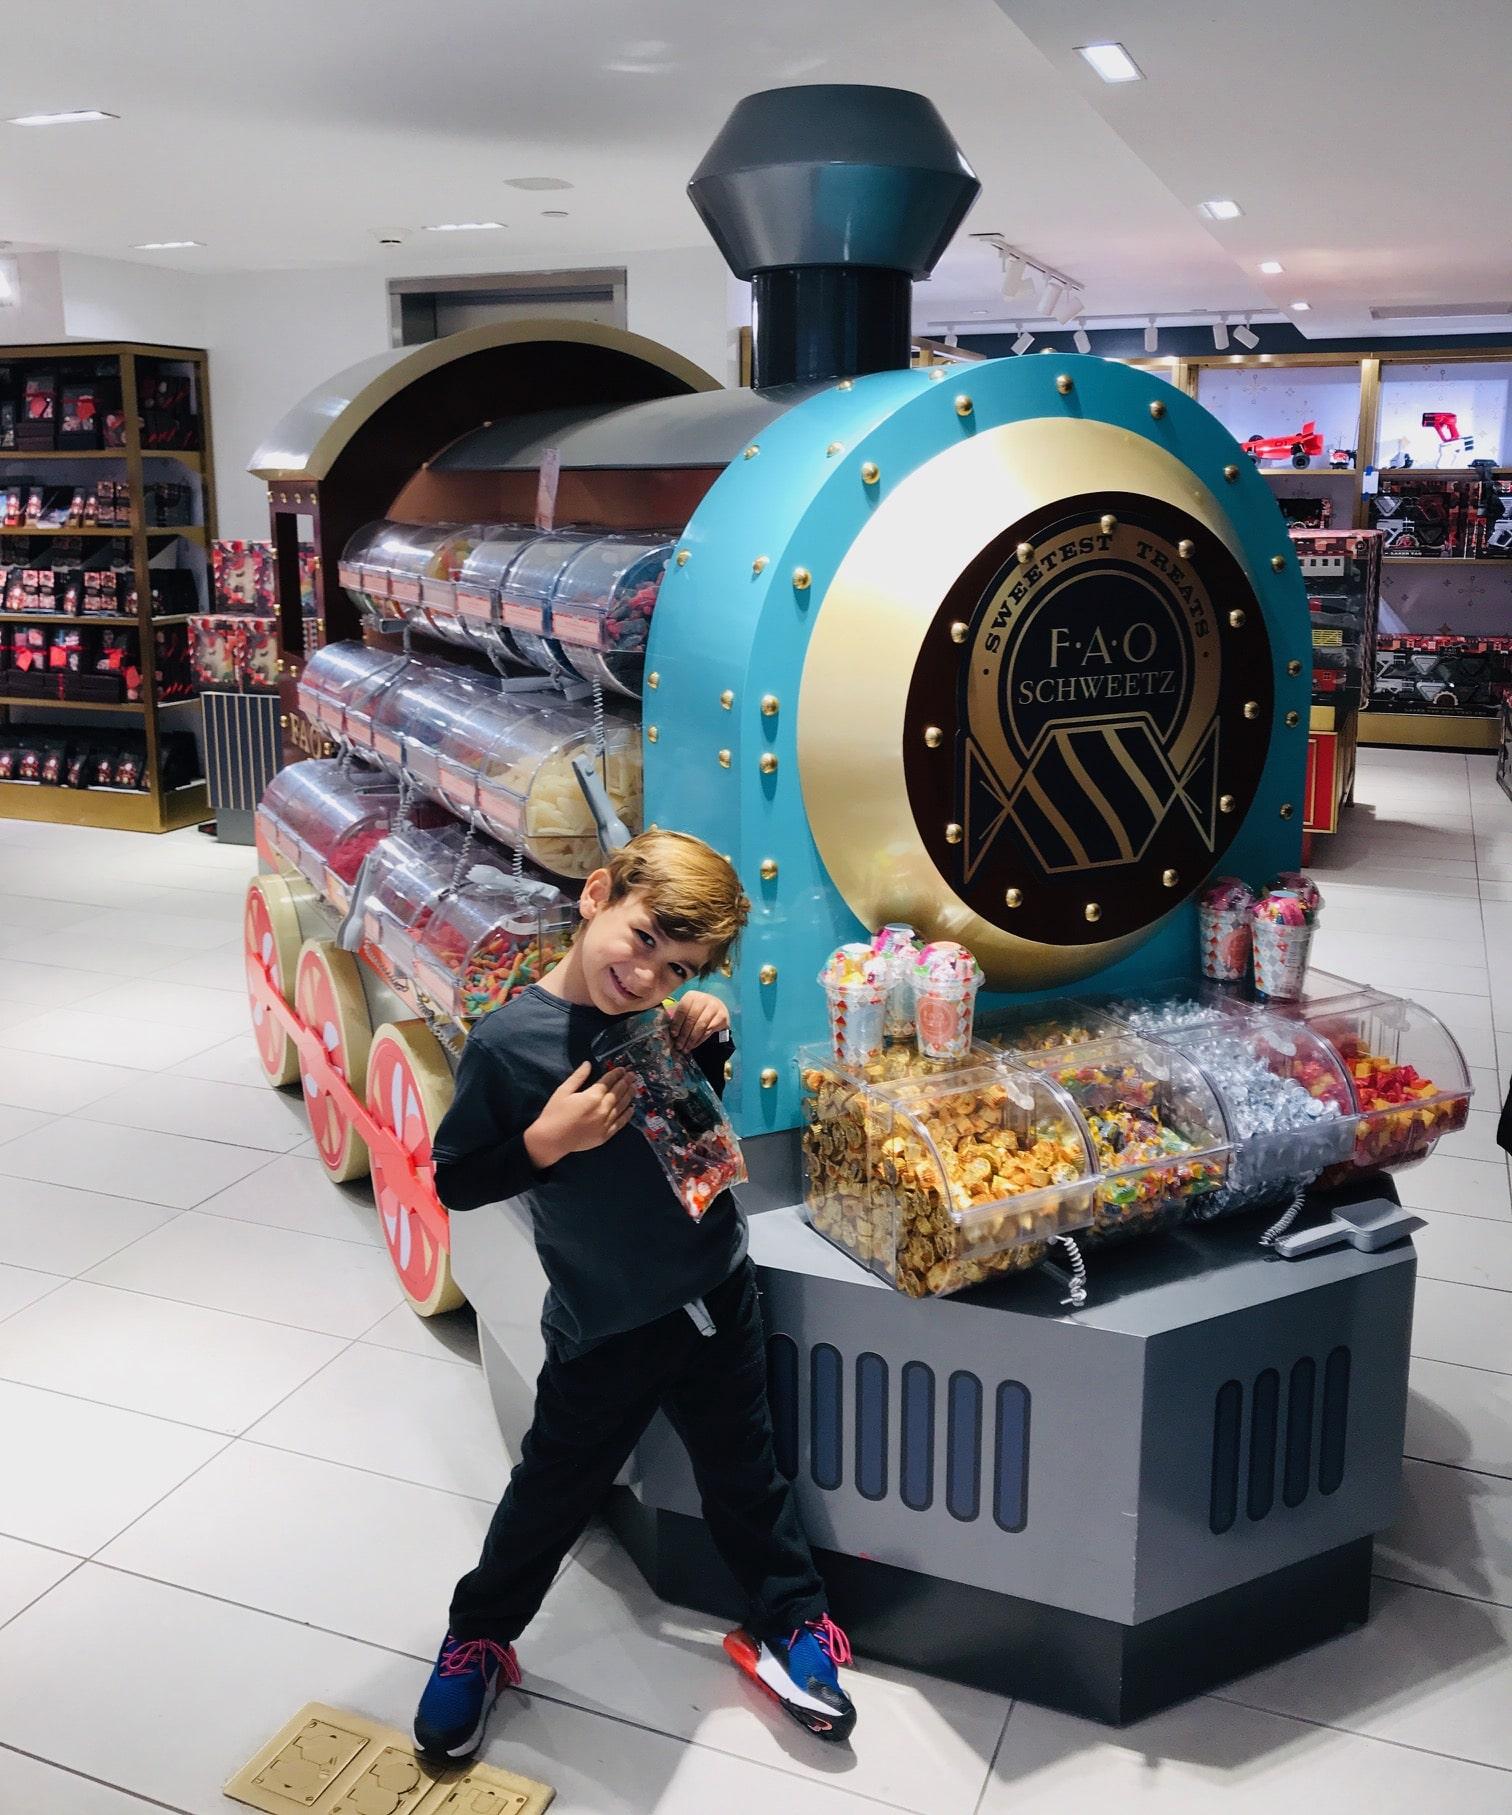 FAO Schwarz - Loja de Brinquedos em Nova York